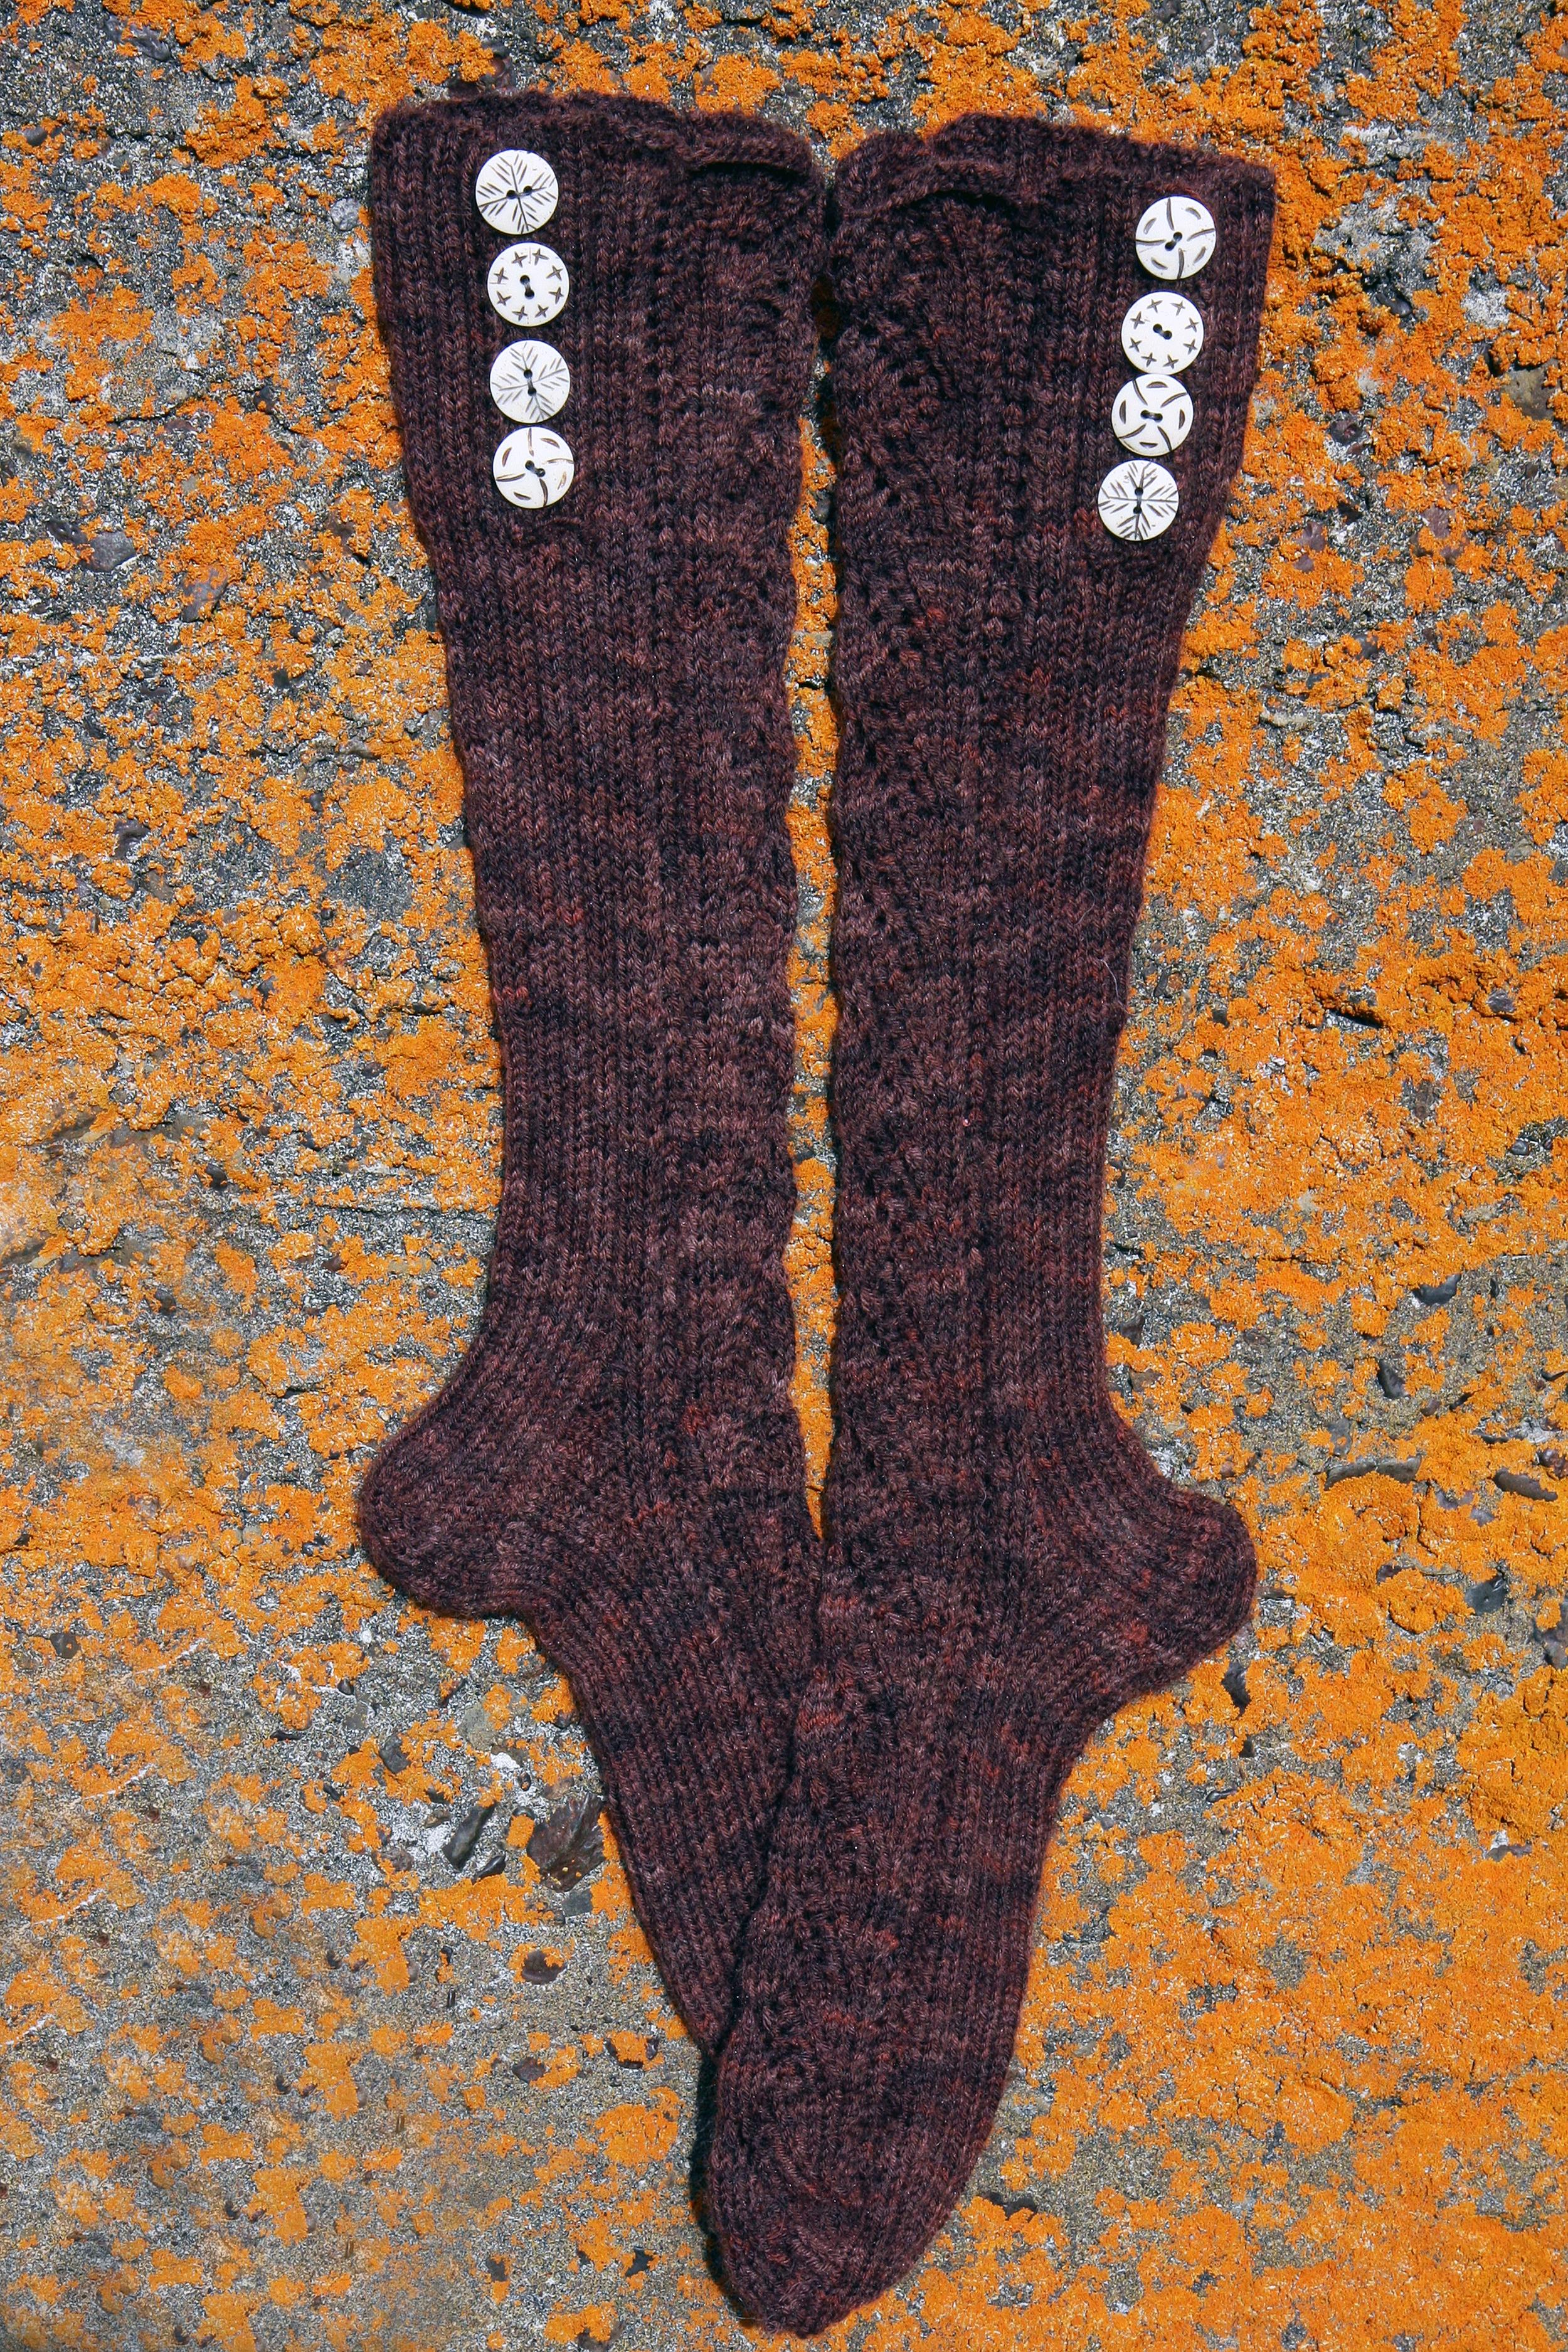 Yarn - Schoppel Sock Yarn - Needles - # 2,5 - 3,0 mm. Price Pattern - $ 8   Buy Pattern